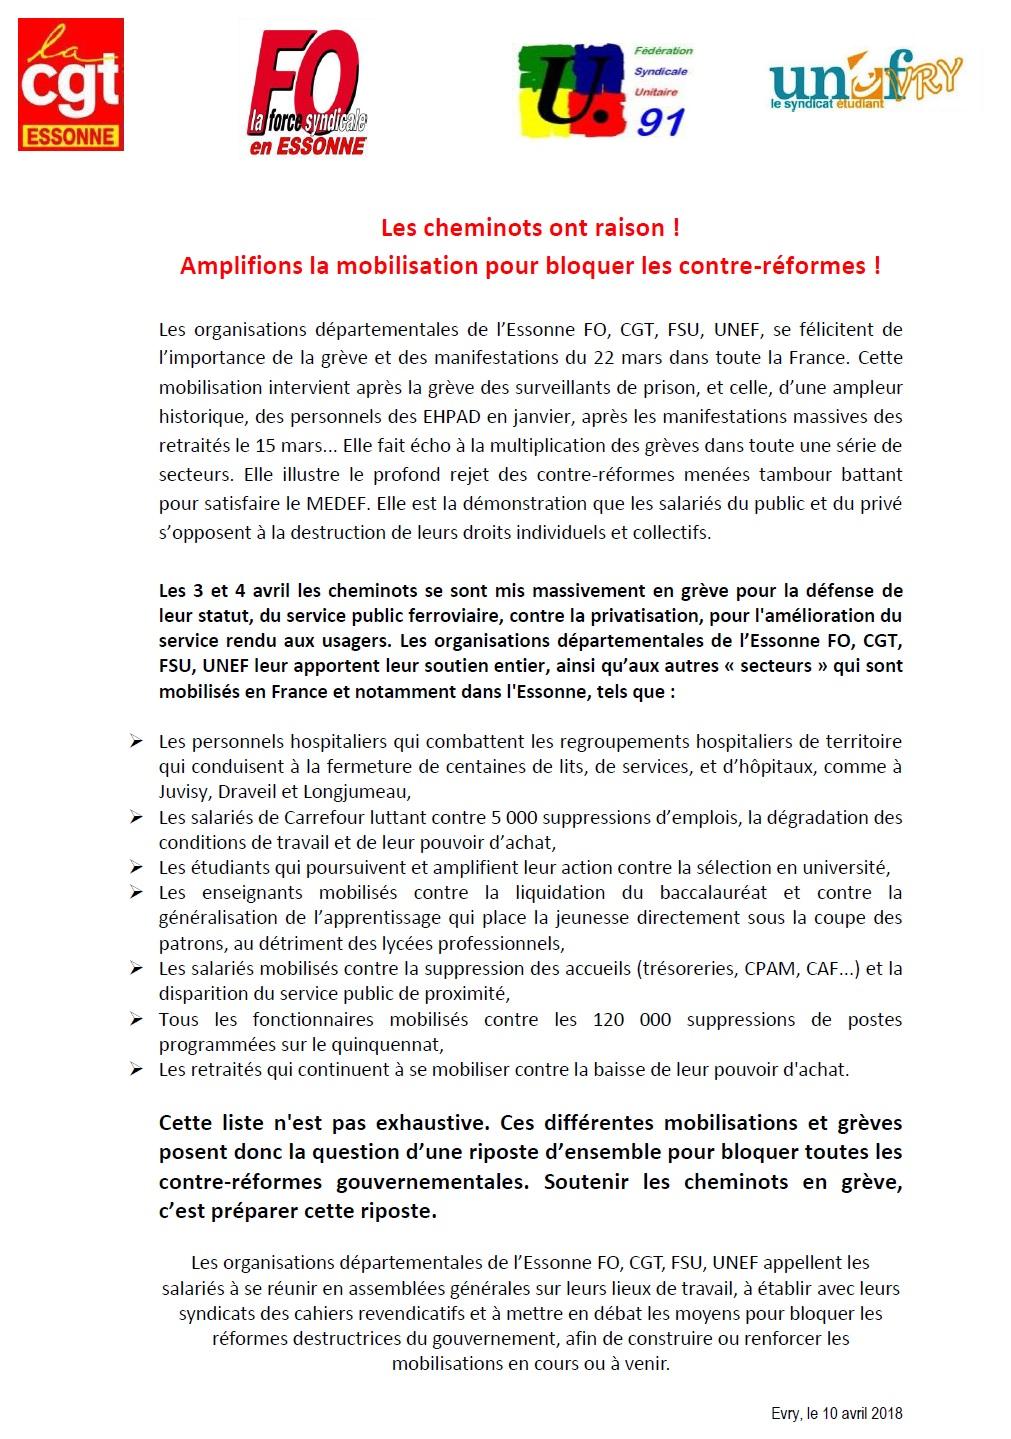 Image of Les cheminots ont raison ! Amplifions la mobilisation pour bloquer les contre-réformes !